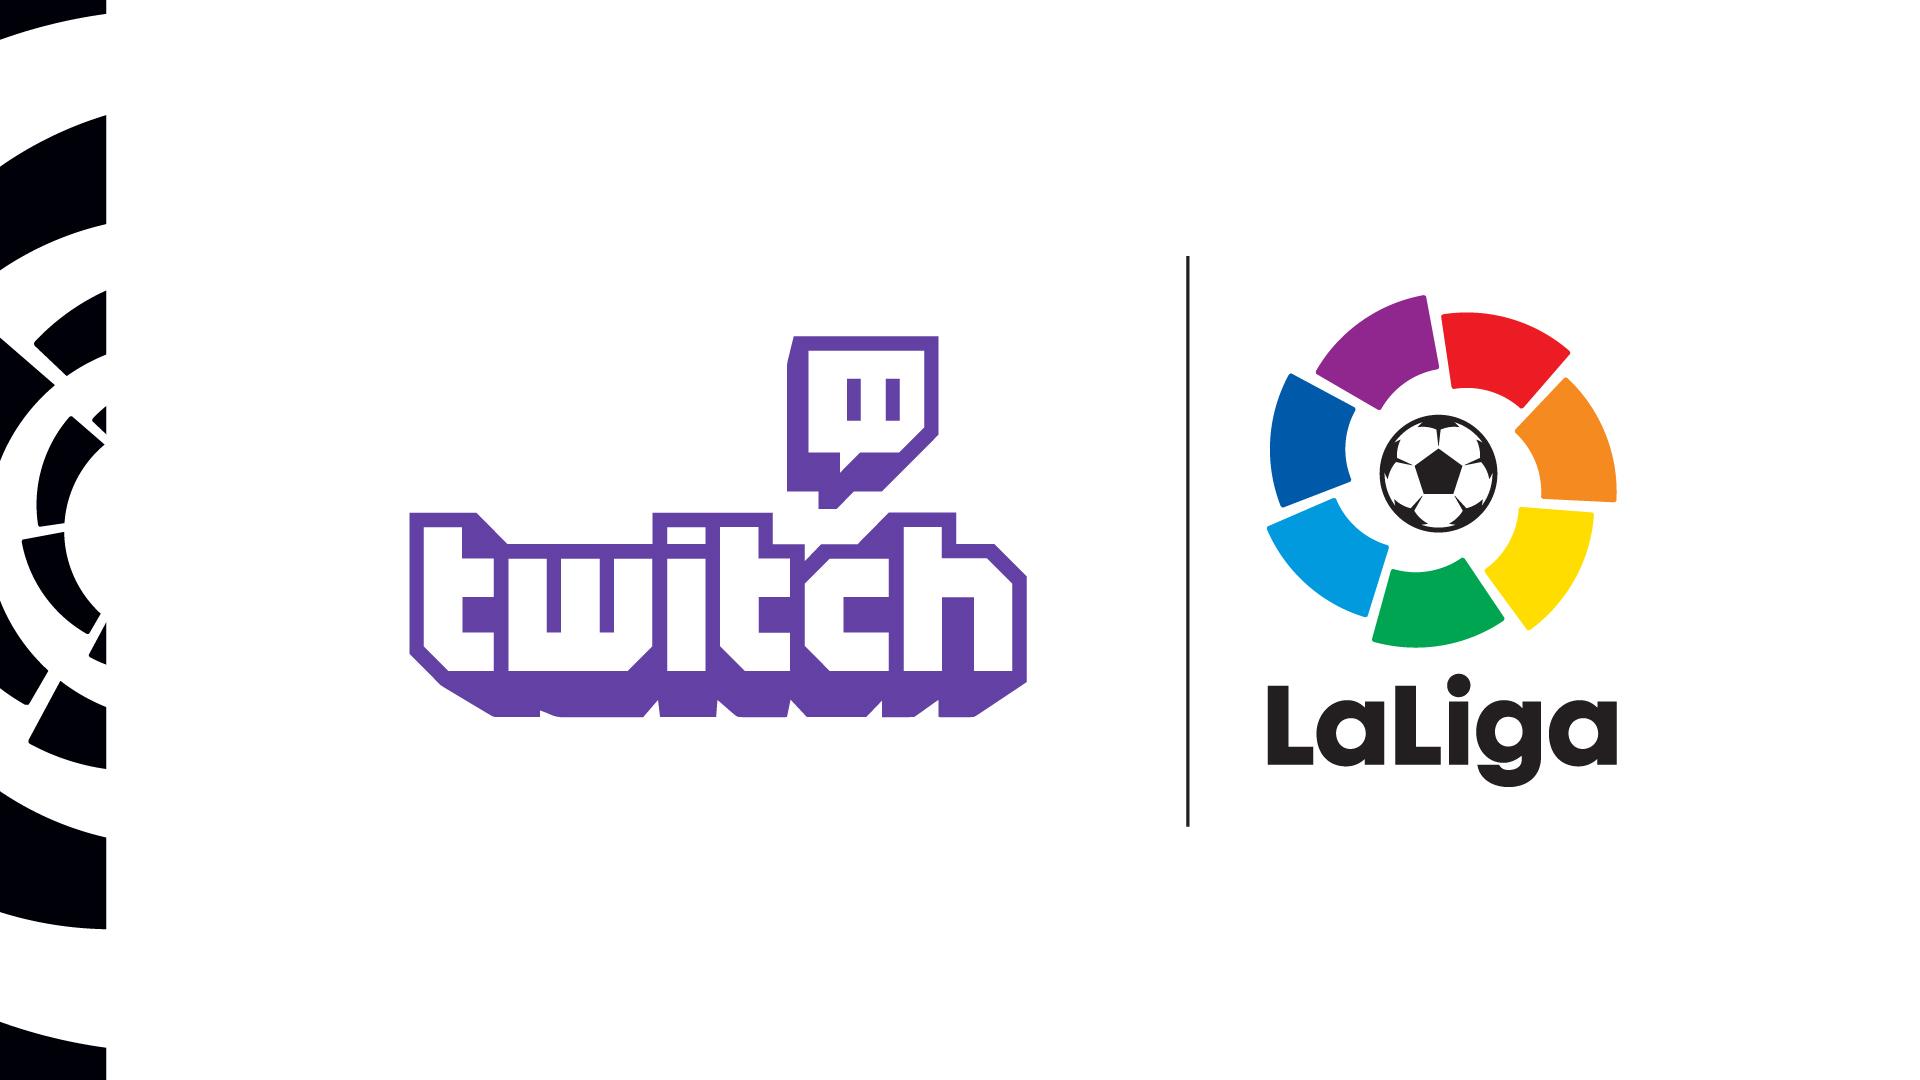 Ufficialmente aperto il nuovo canale del campionato spagnolo